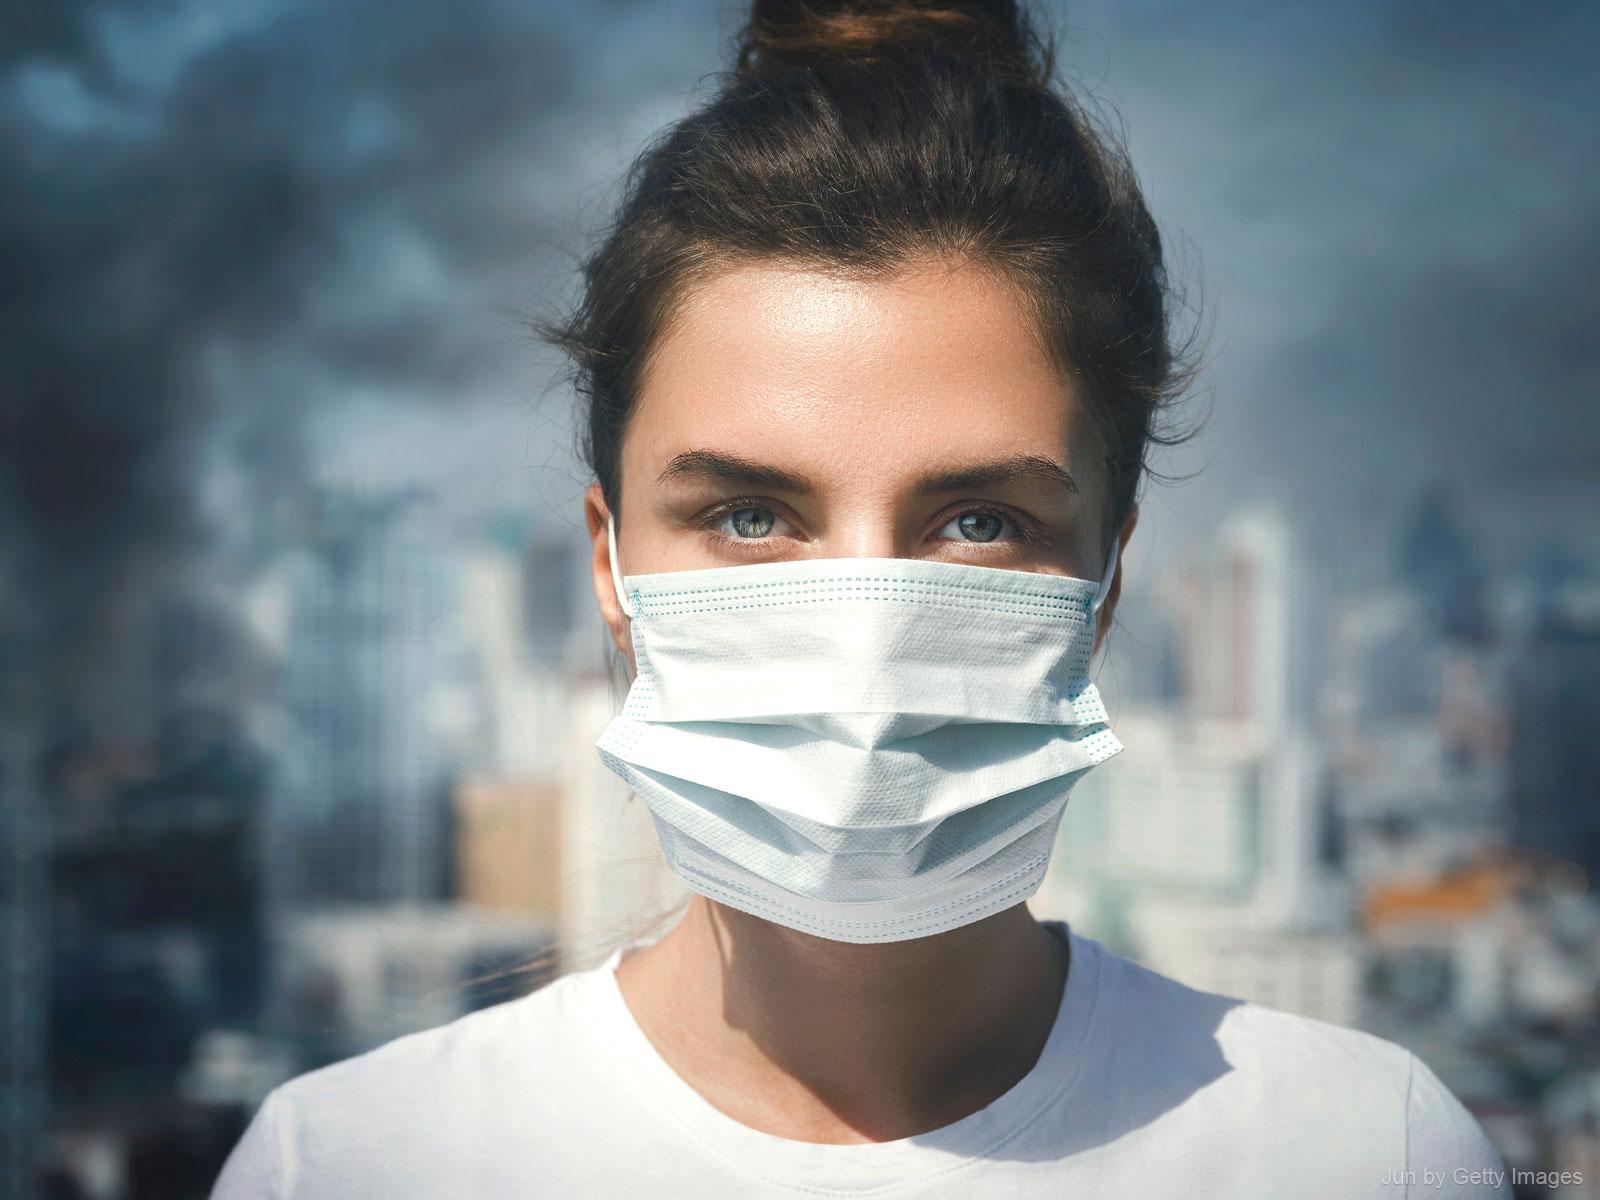 Há-um-vírus-pior-que-Coronavirus-e-você-já-está-infectado